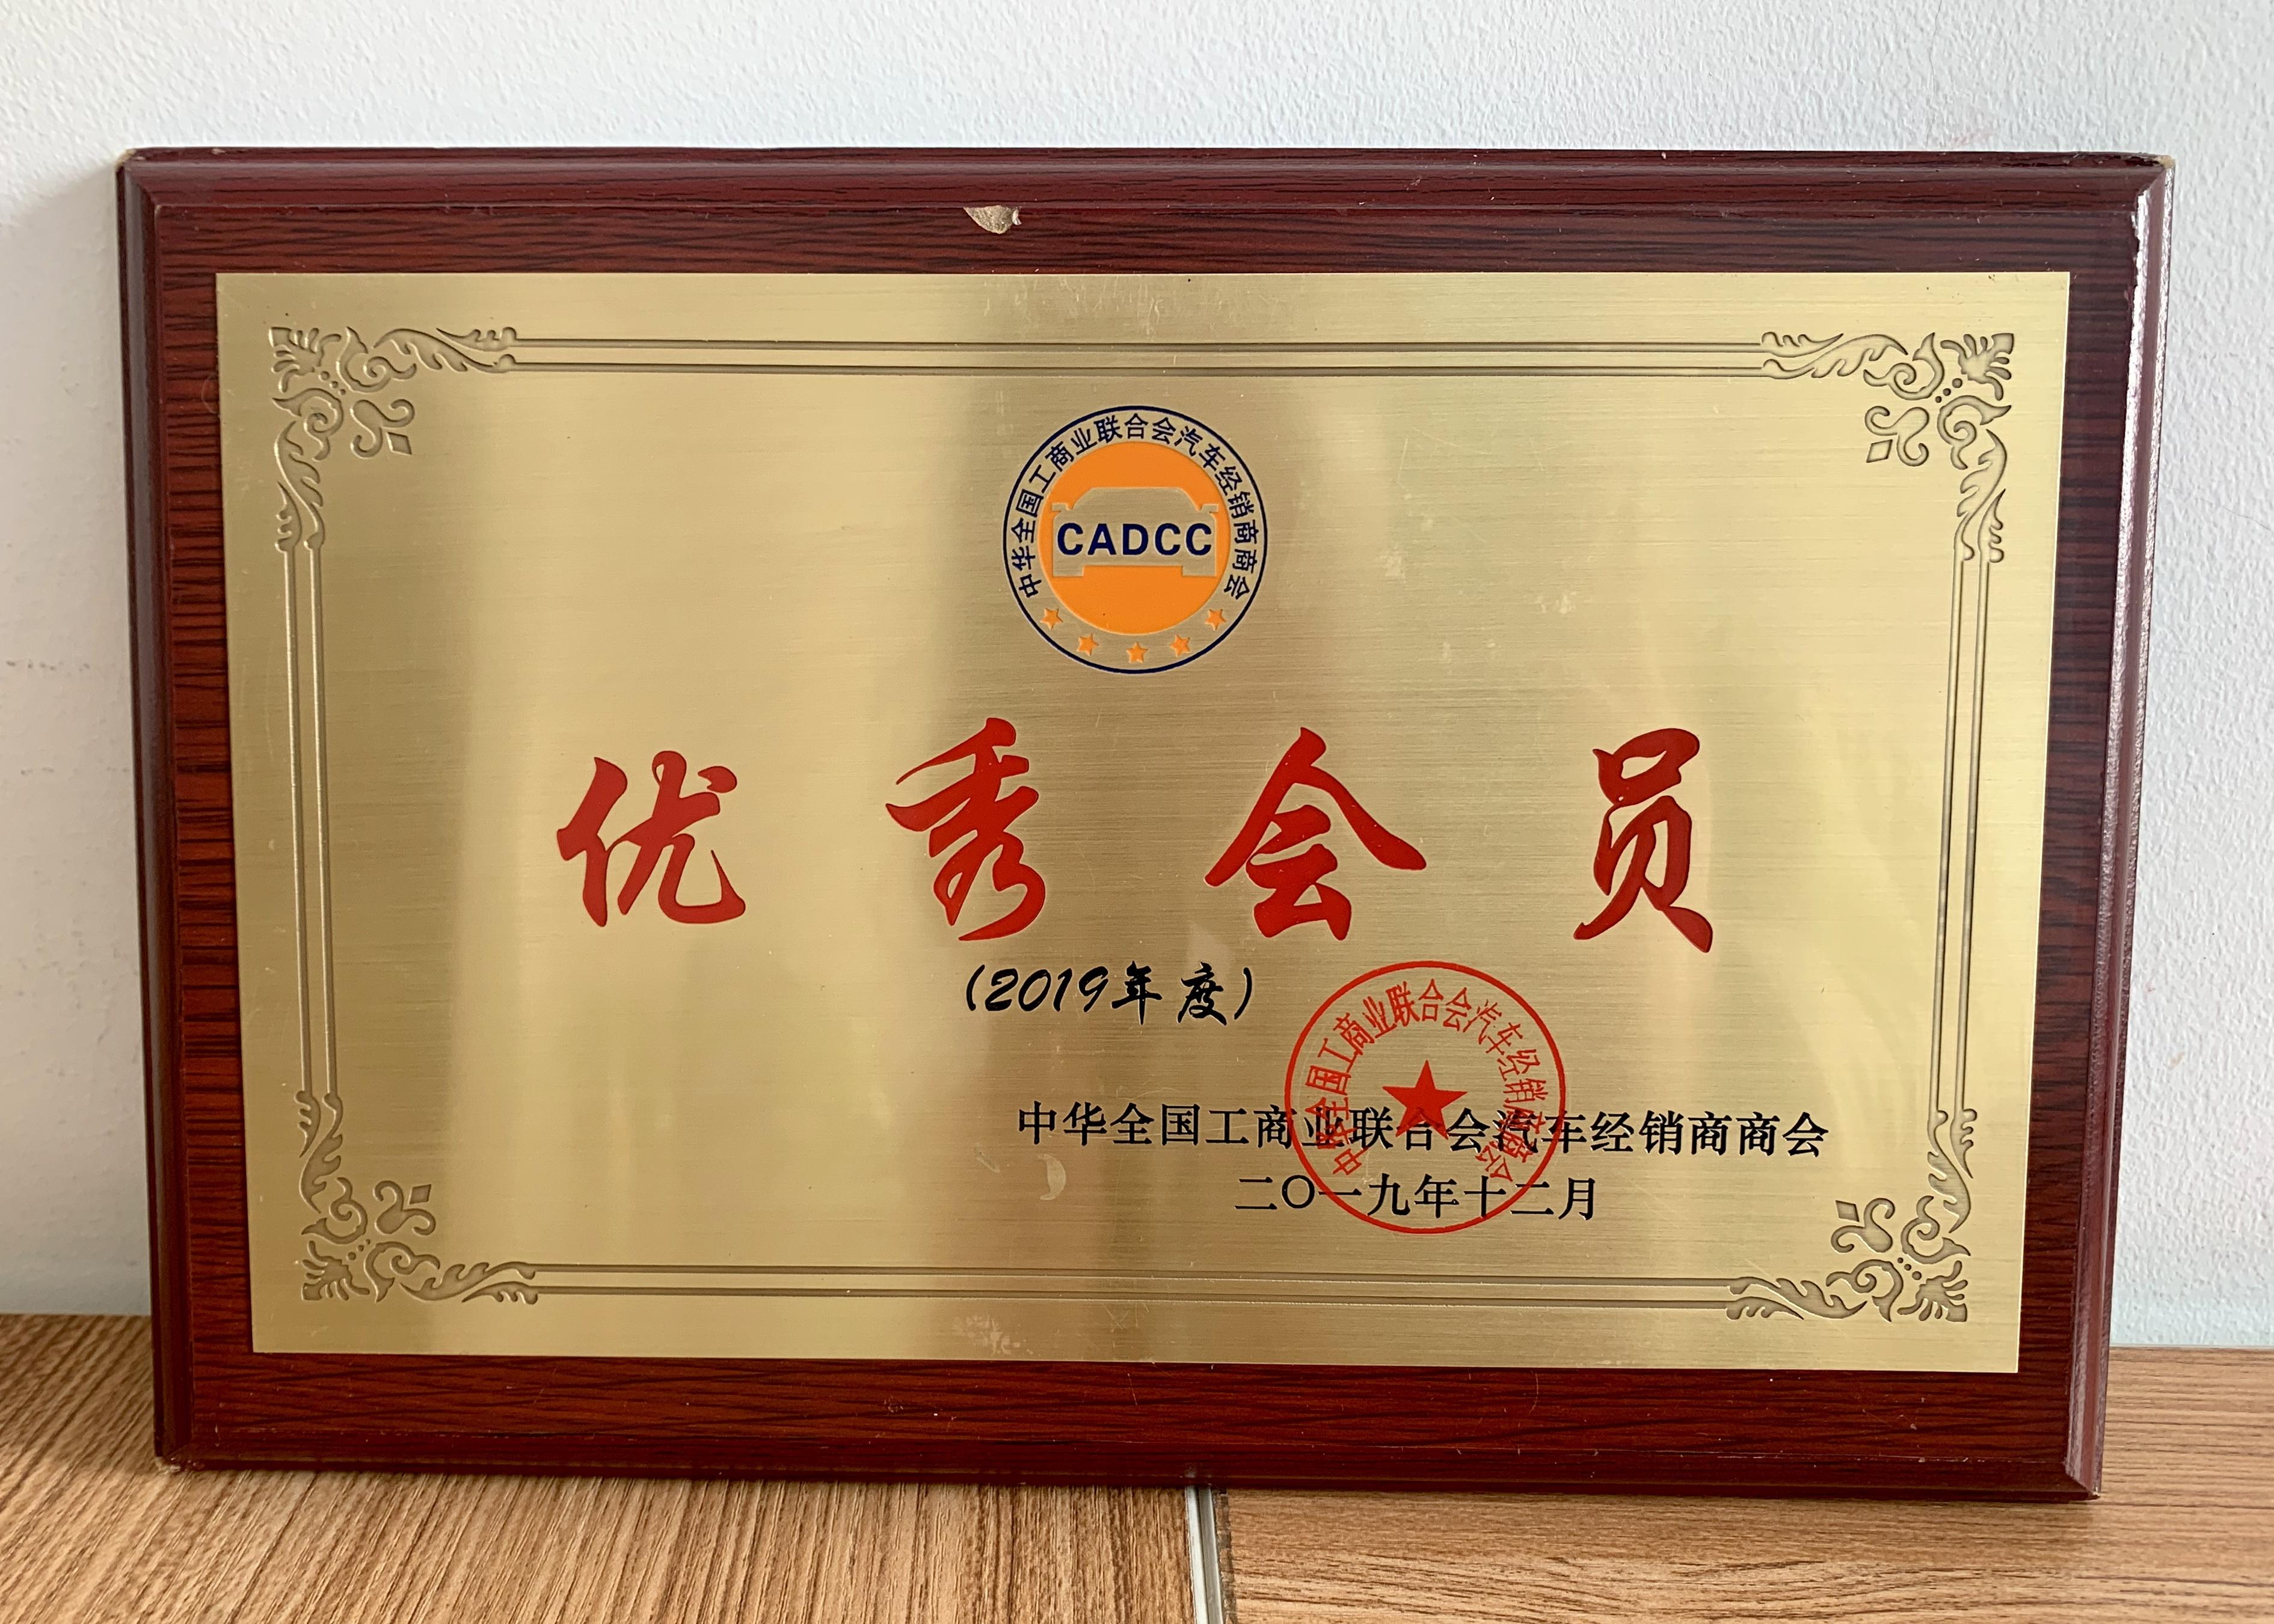 中华全国工商业联合会汽车经销商商会2019年度优秀会员